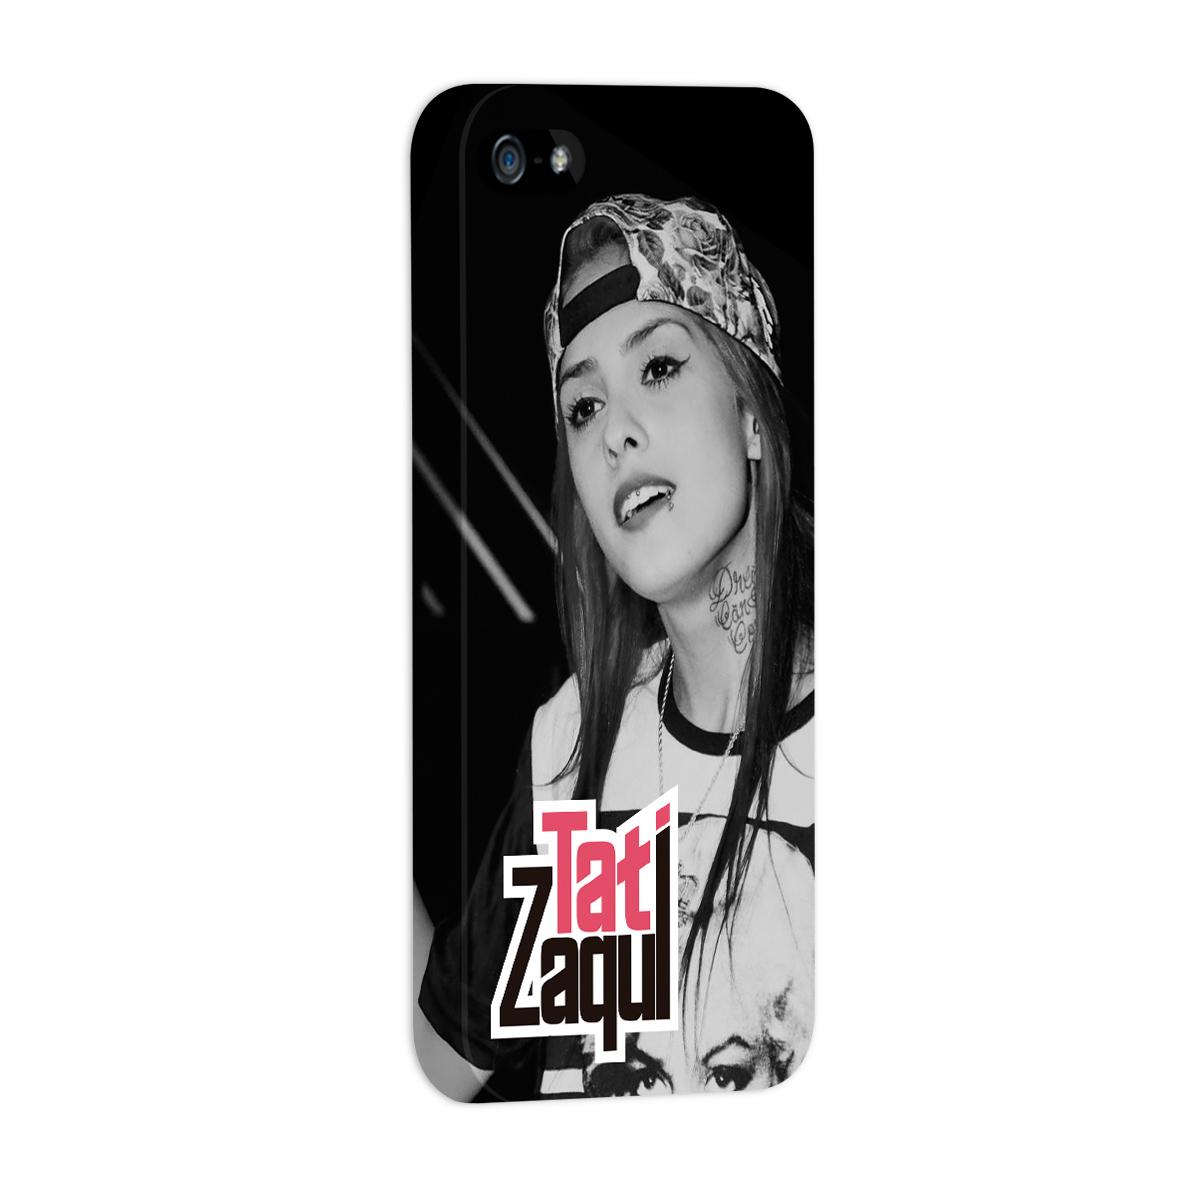 Capa para iPhone 5/5S MC Tati Zaqui Foto